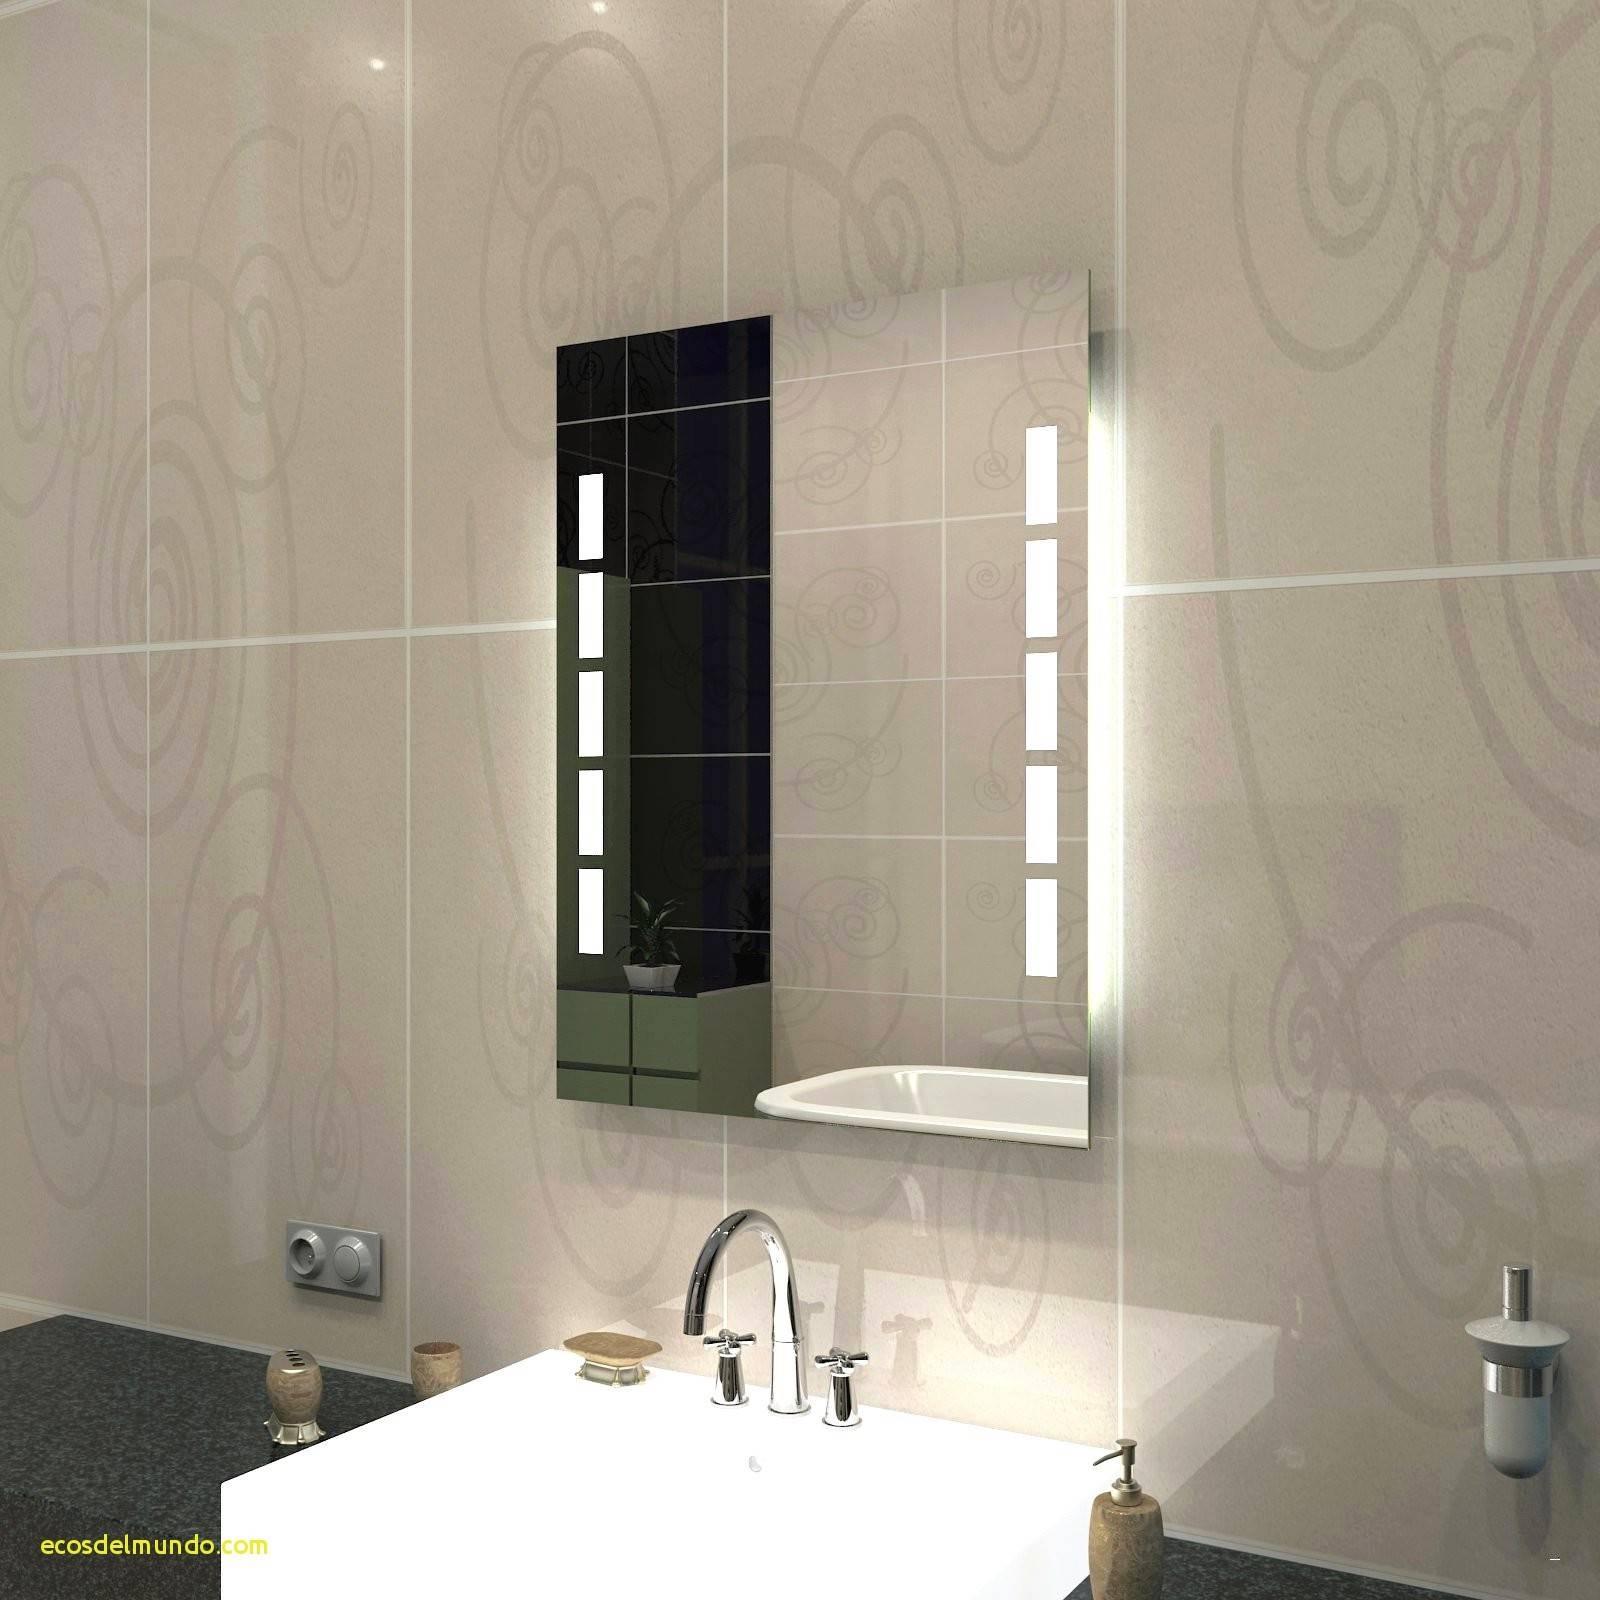 deko online bestellen elegant wohnzimmer deko line kaufen